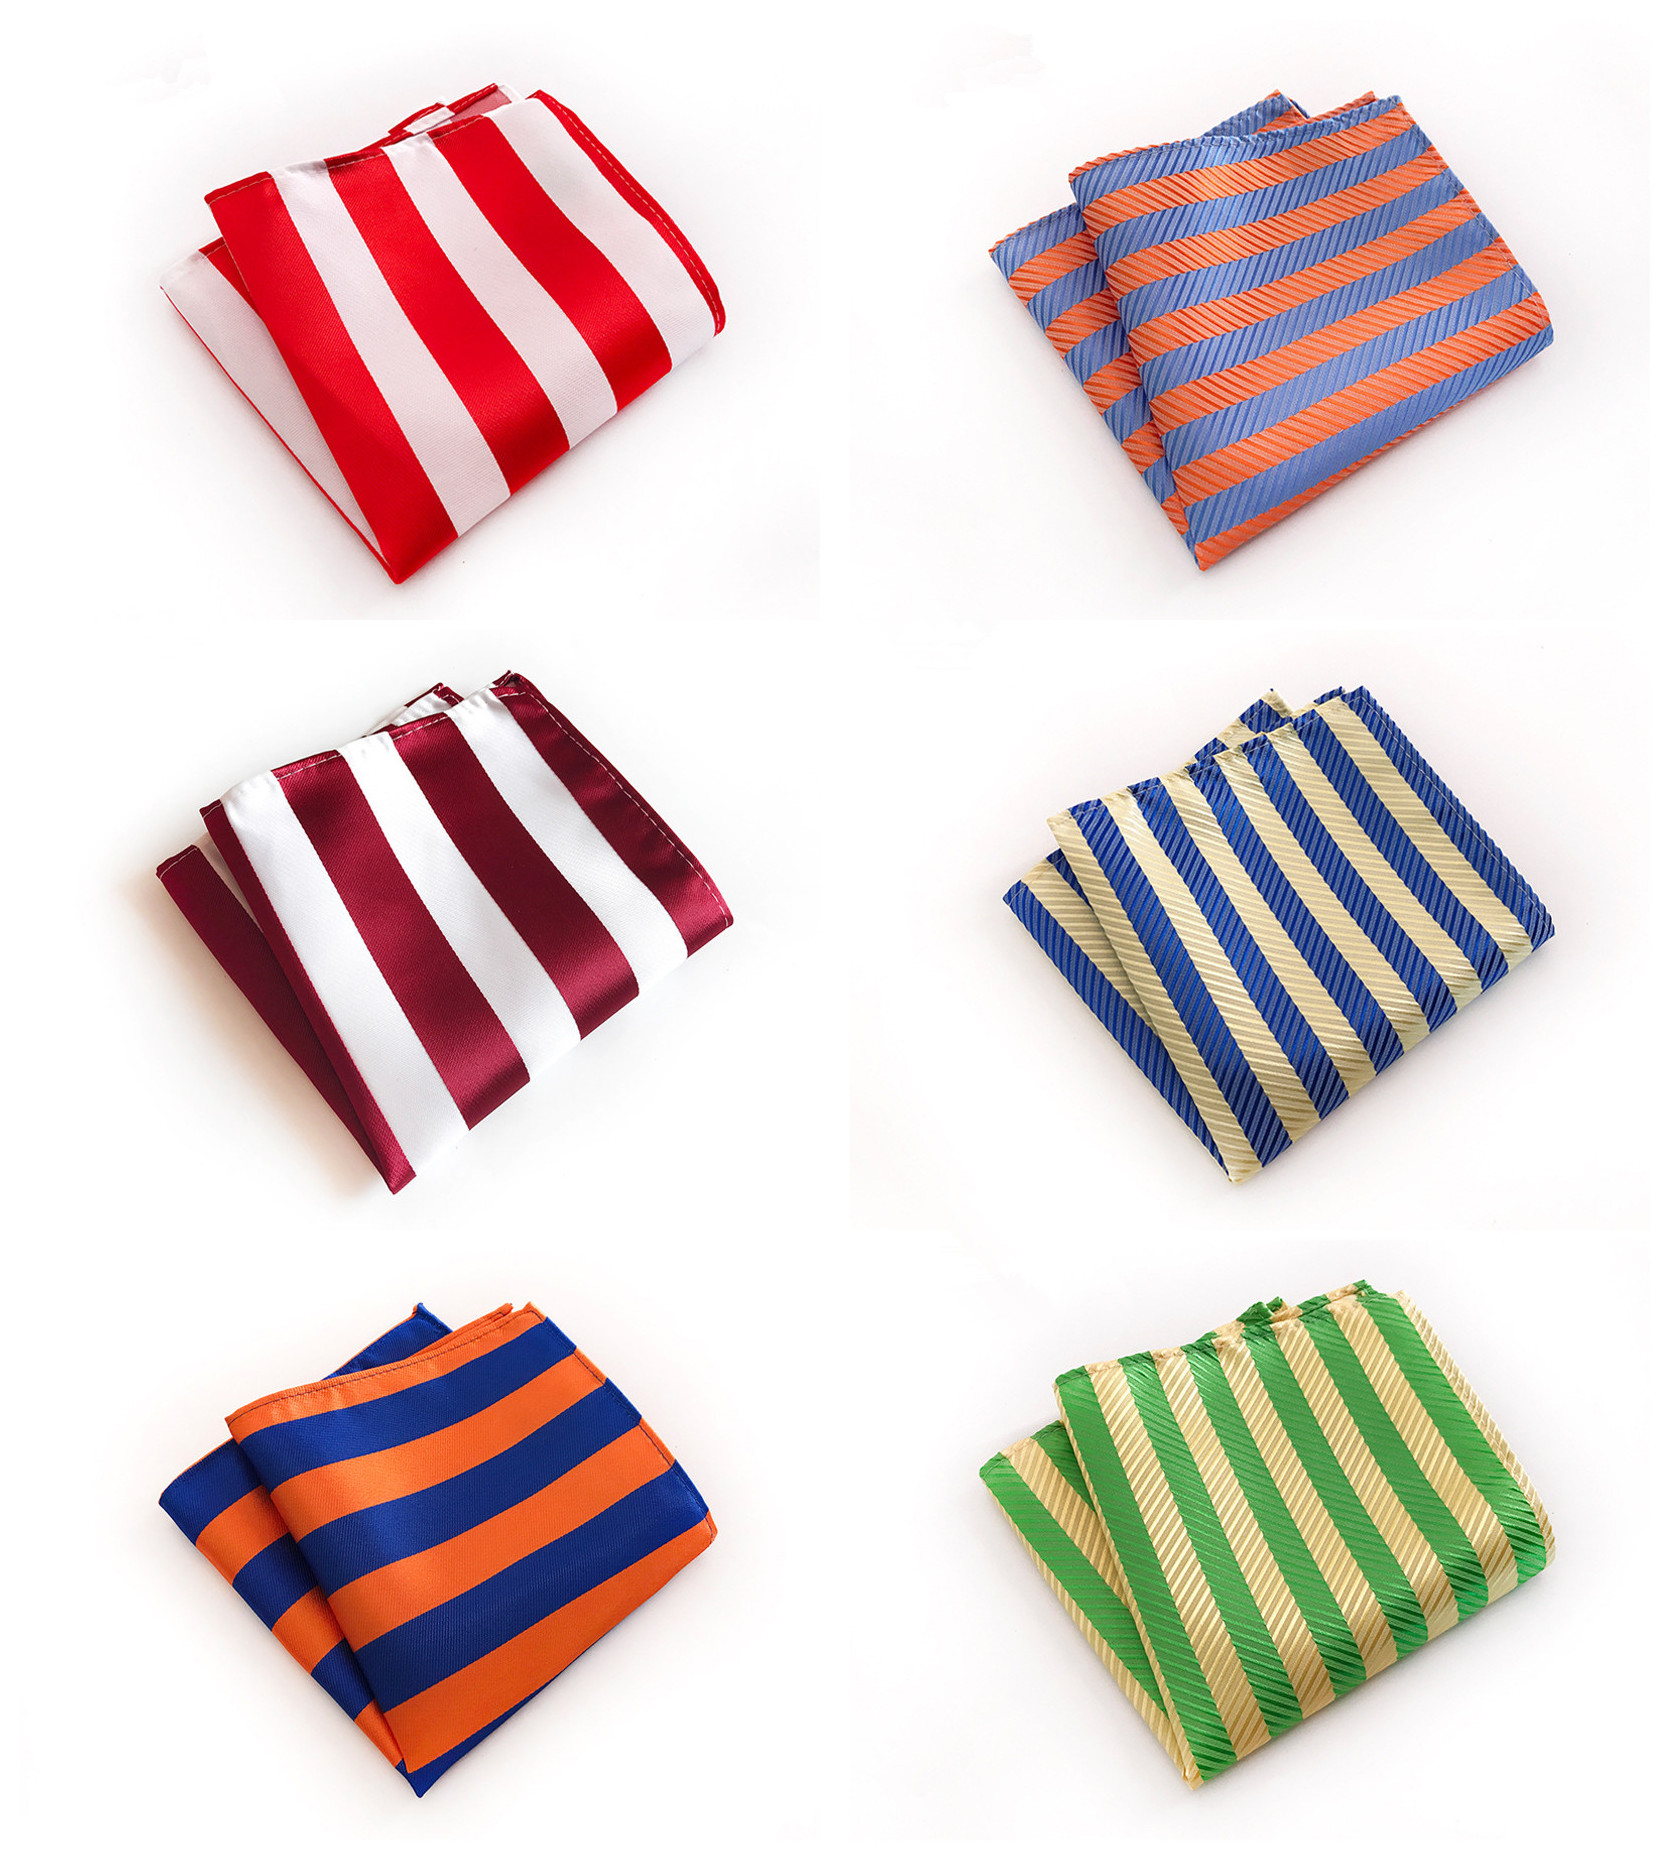 Men's Business Dress Multicolor Striped Pocket Towel Fashion Design Quality Explosion Models 25x25cm Polyester Pocket Towel